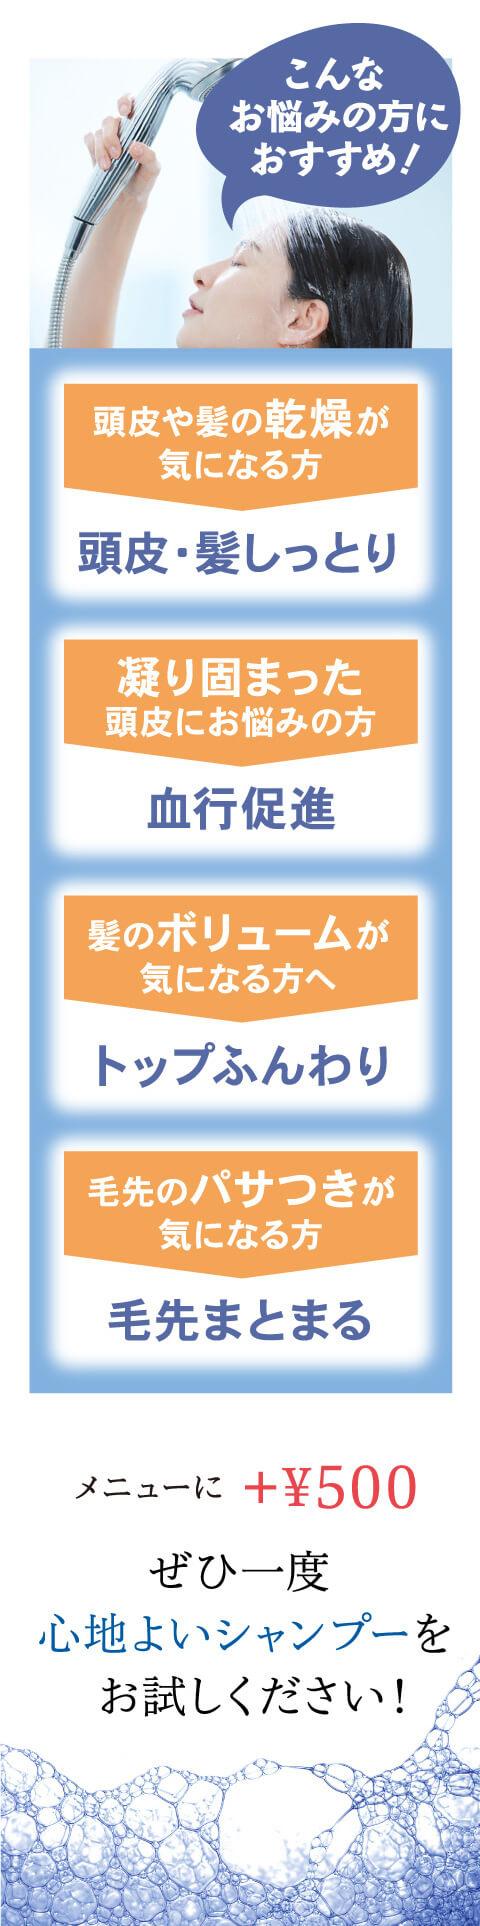 メニューにプラス500円